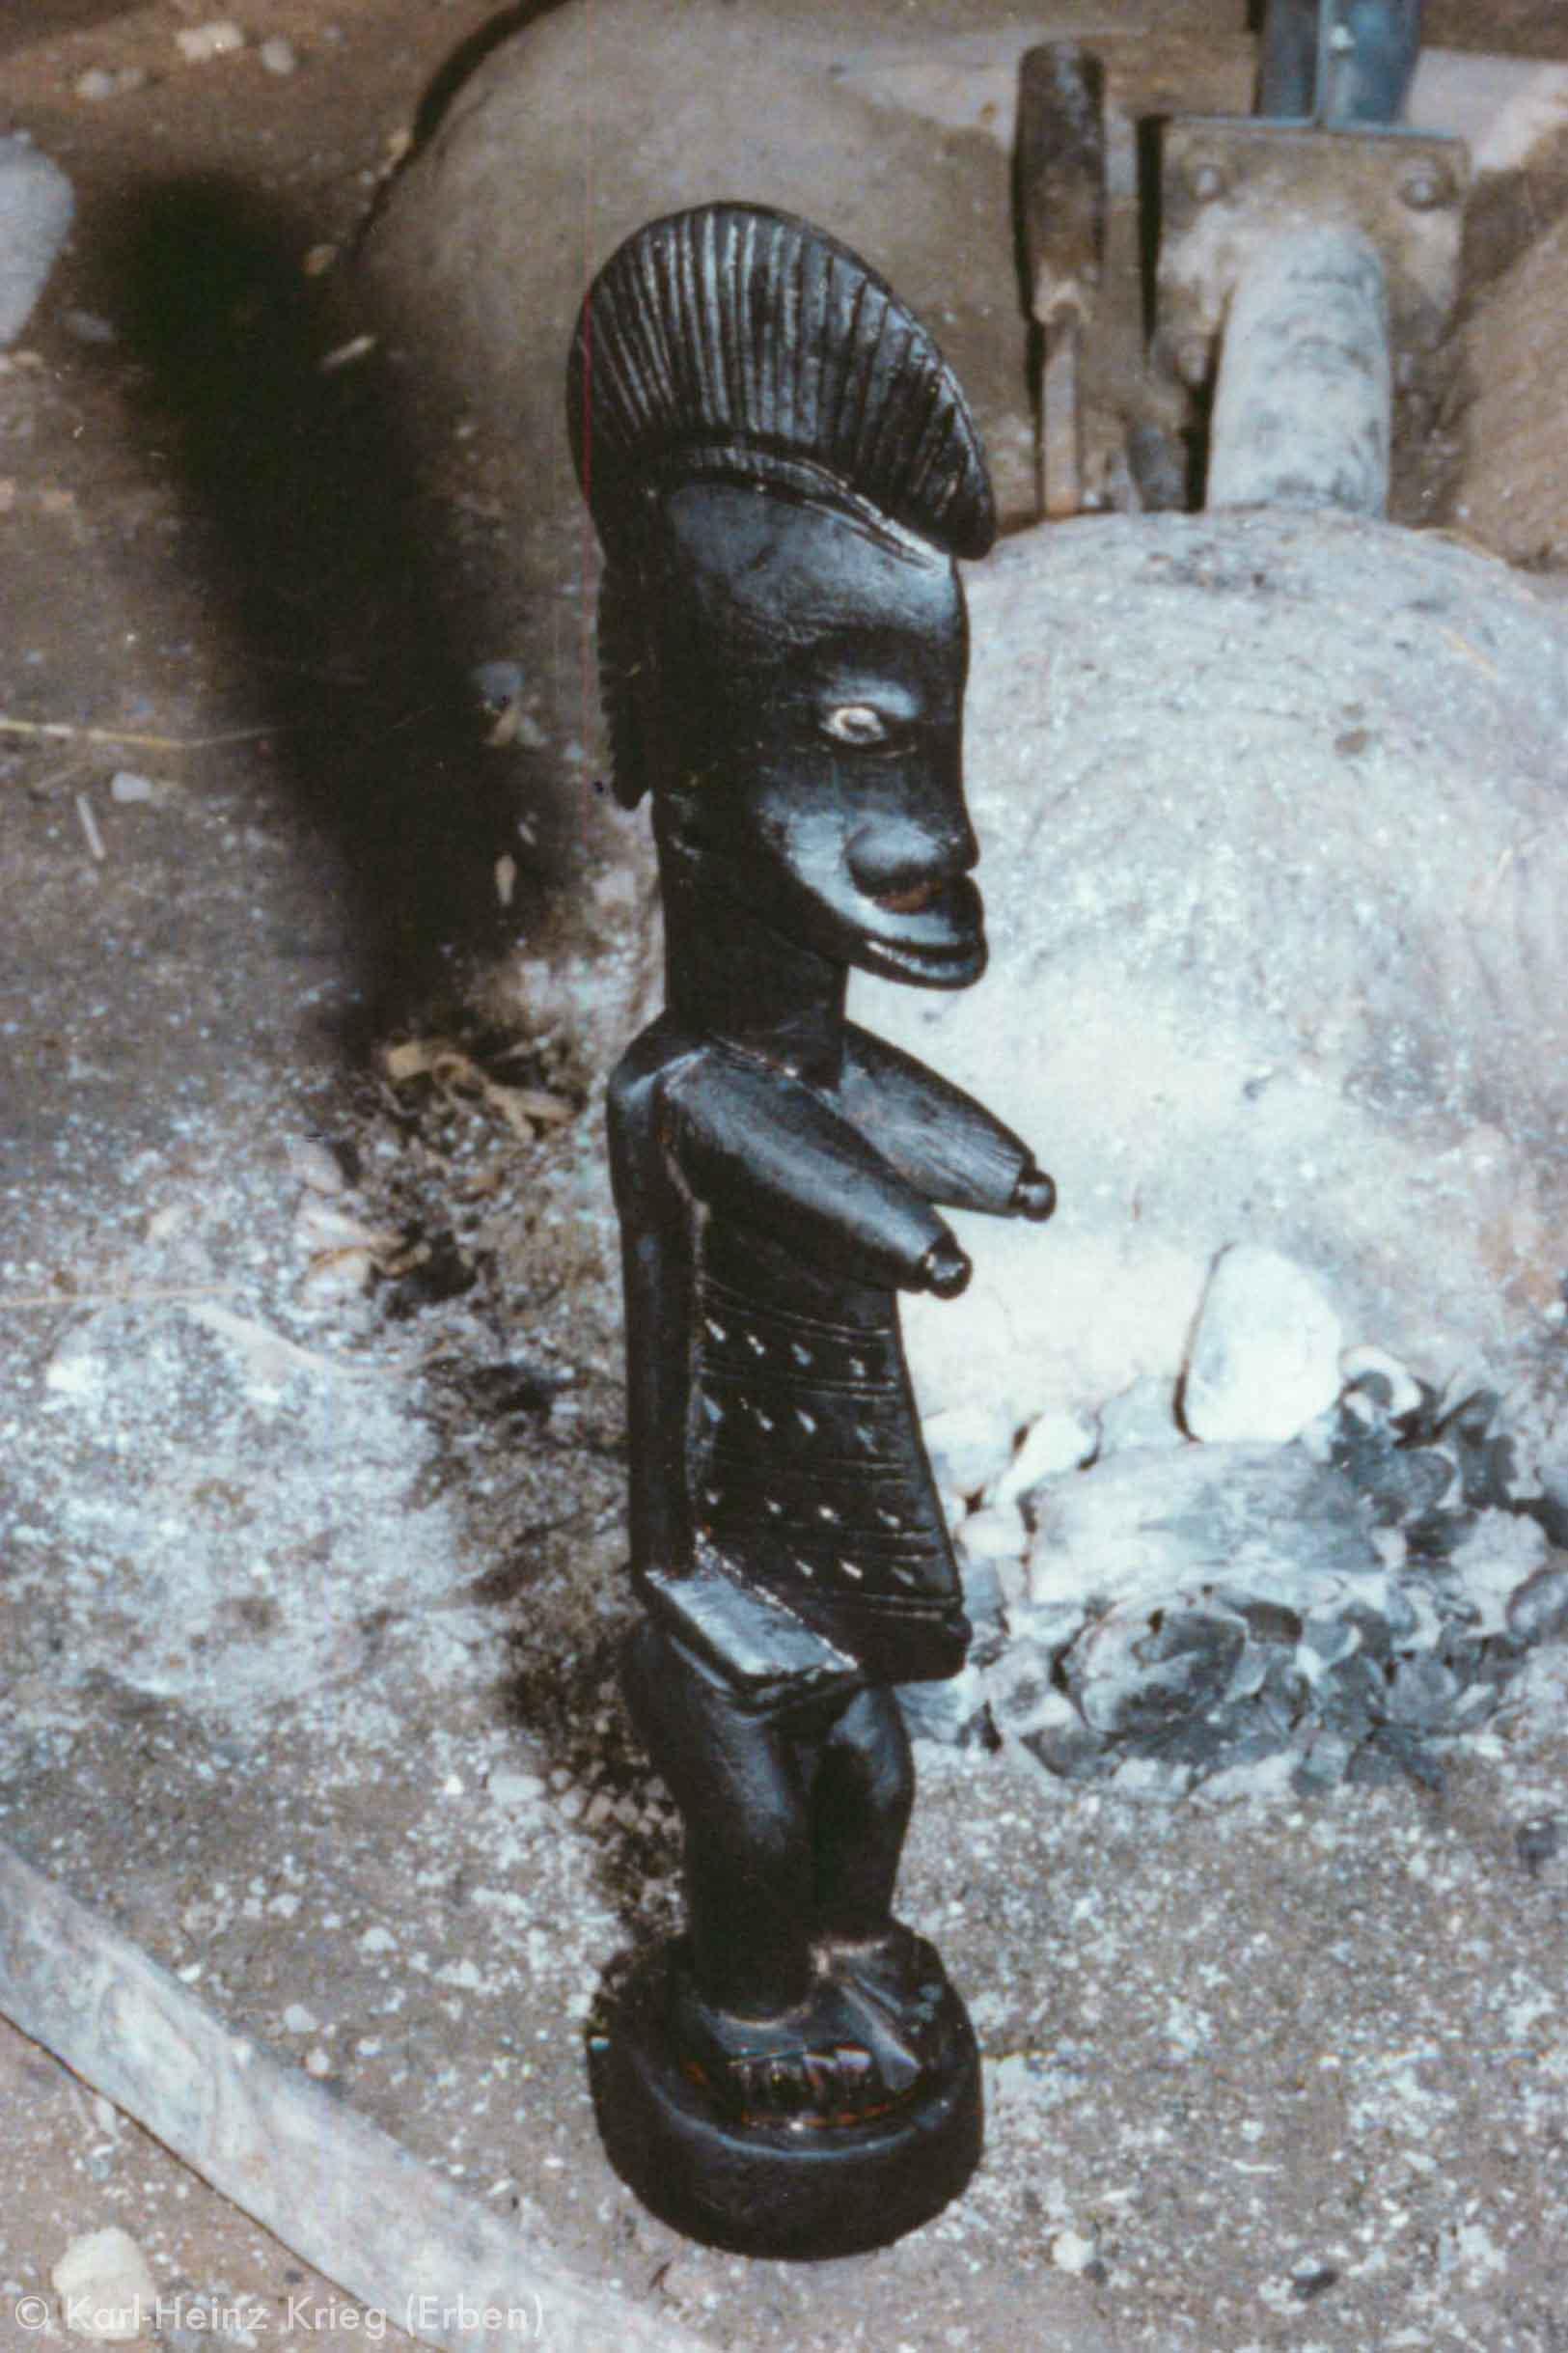 Recently finished figure by Tinnin Fané. Photo: Karl-Heinz Krieg, Fakola (Mali), 1981